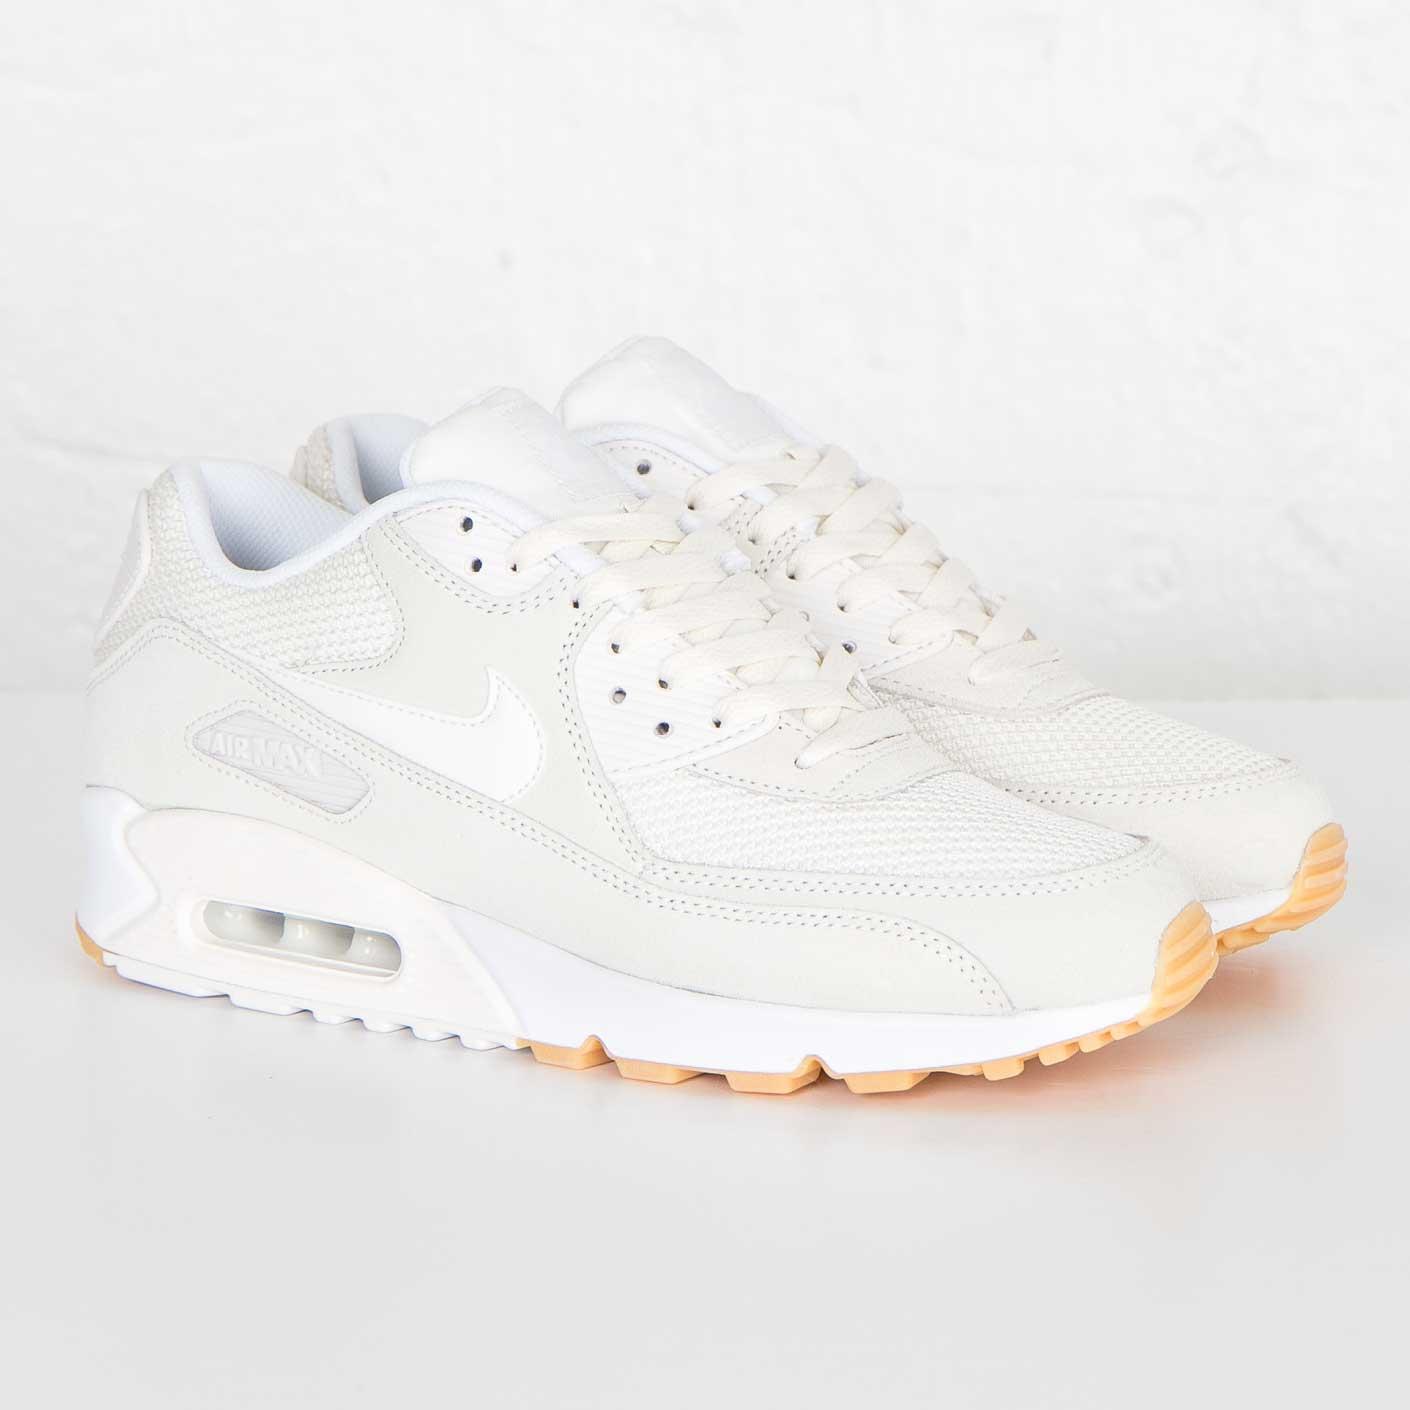 Nike Air Max 90 Essential 537384 041 Sneakersnstuff